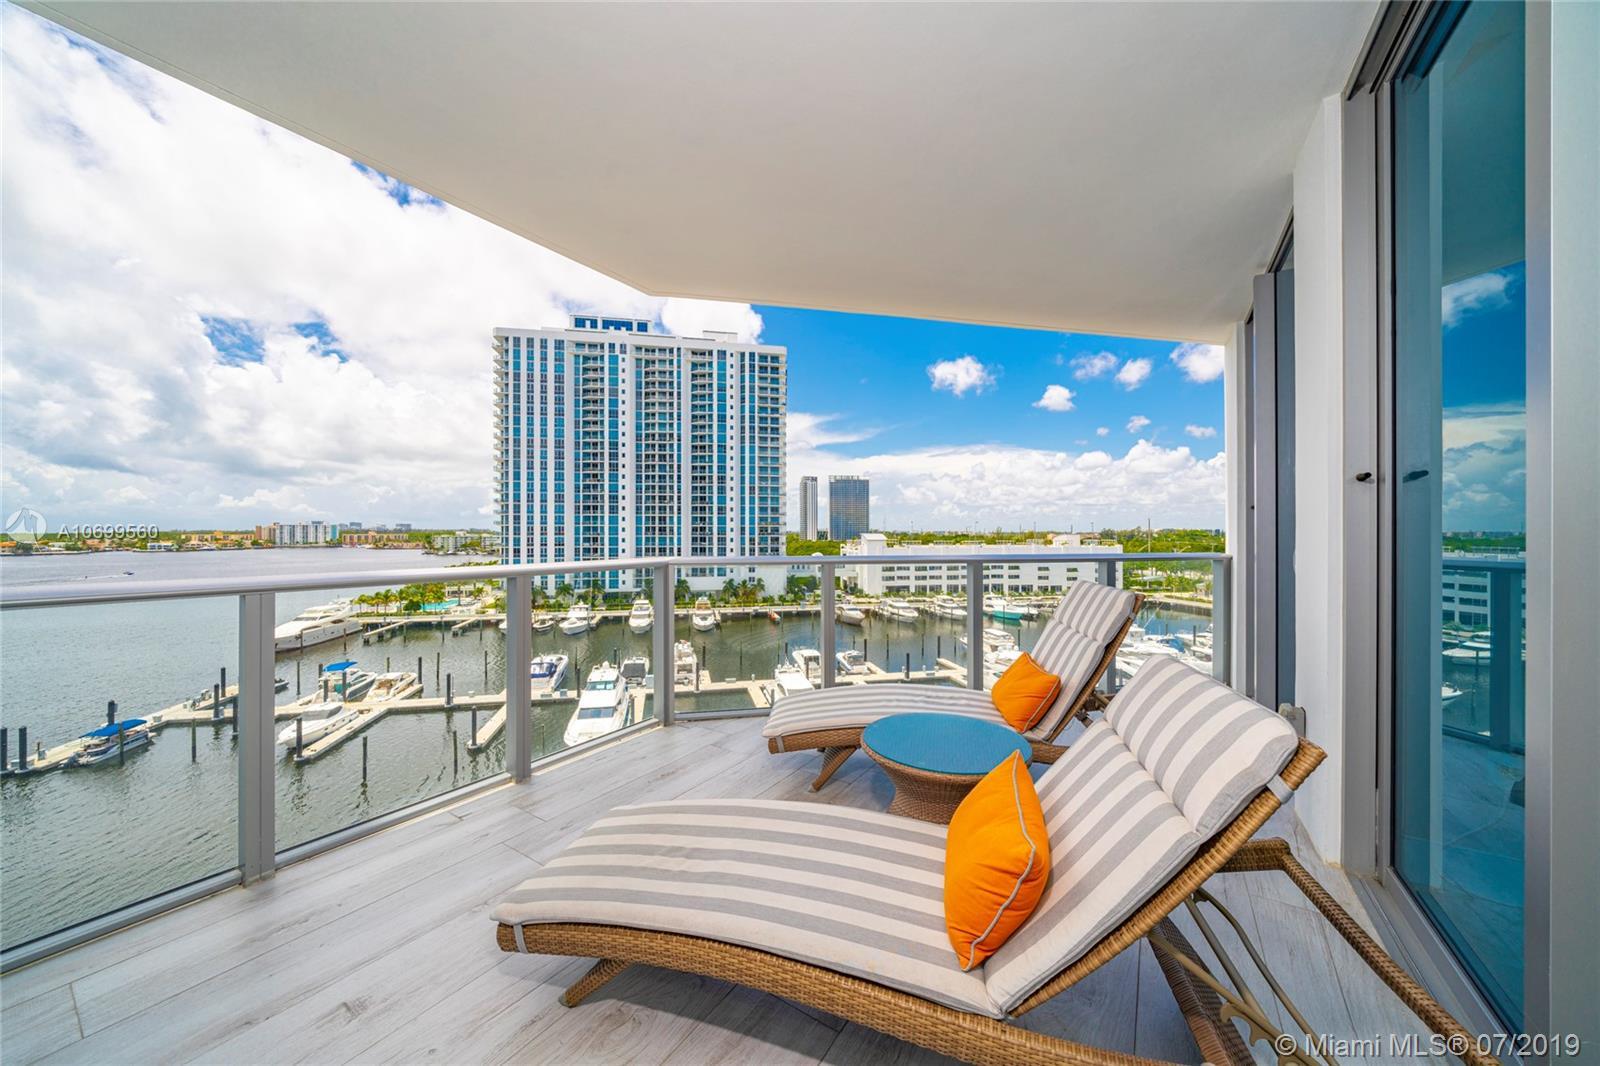 17301 Biscayne Blvd, 703 - North Miami Beach, Florida